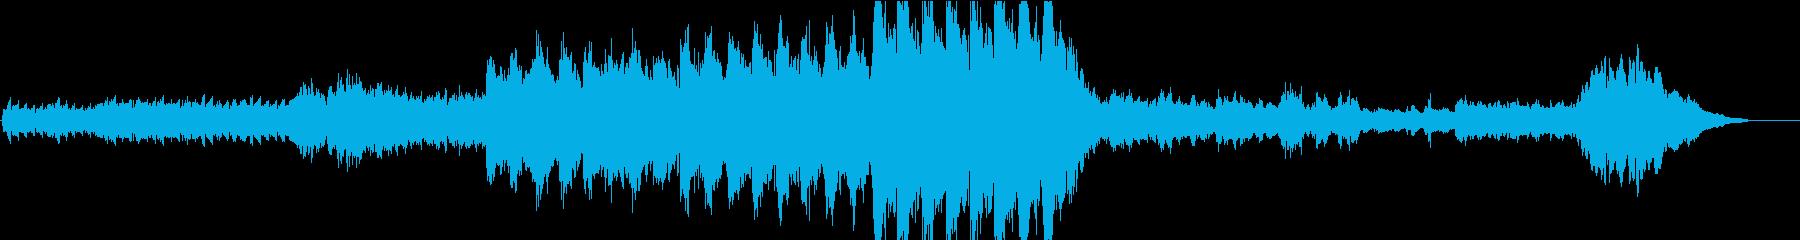 KANTオーケストラ1絶望の囁きの再生済みの波形